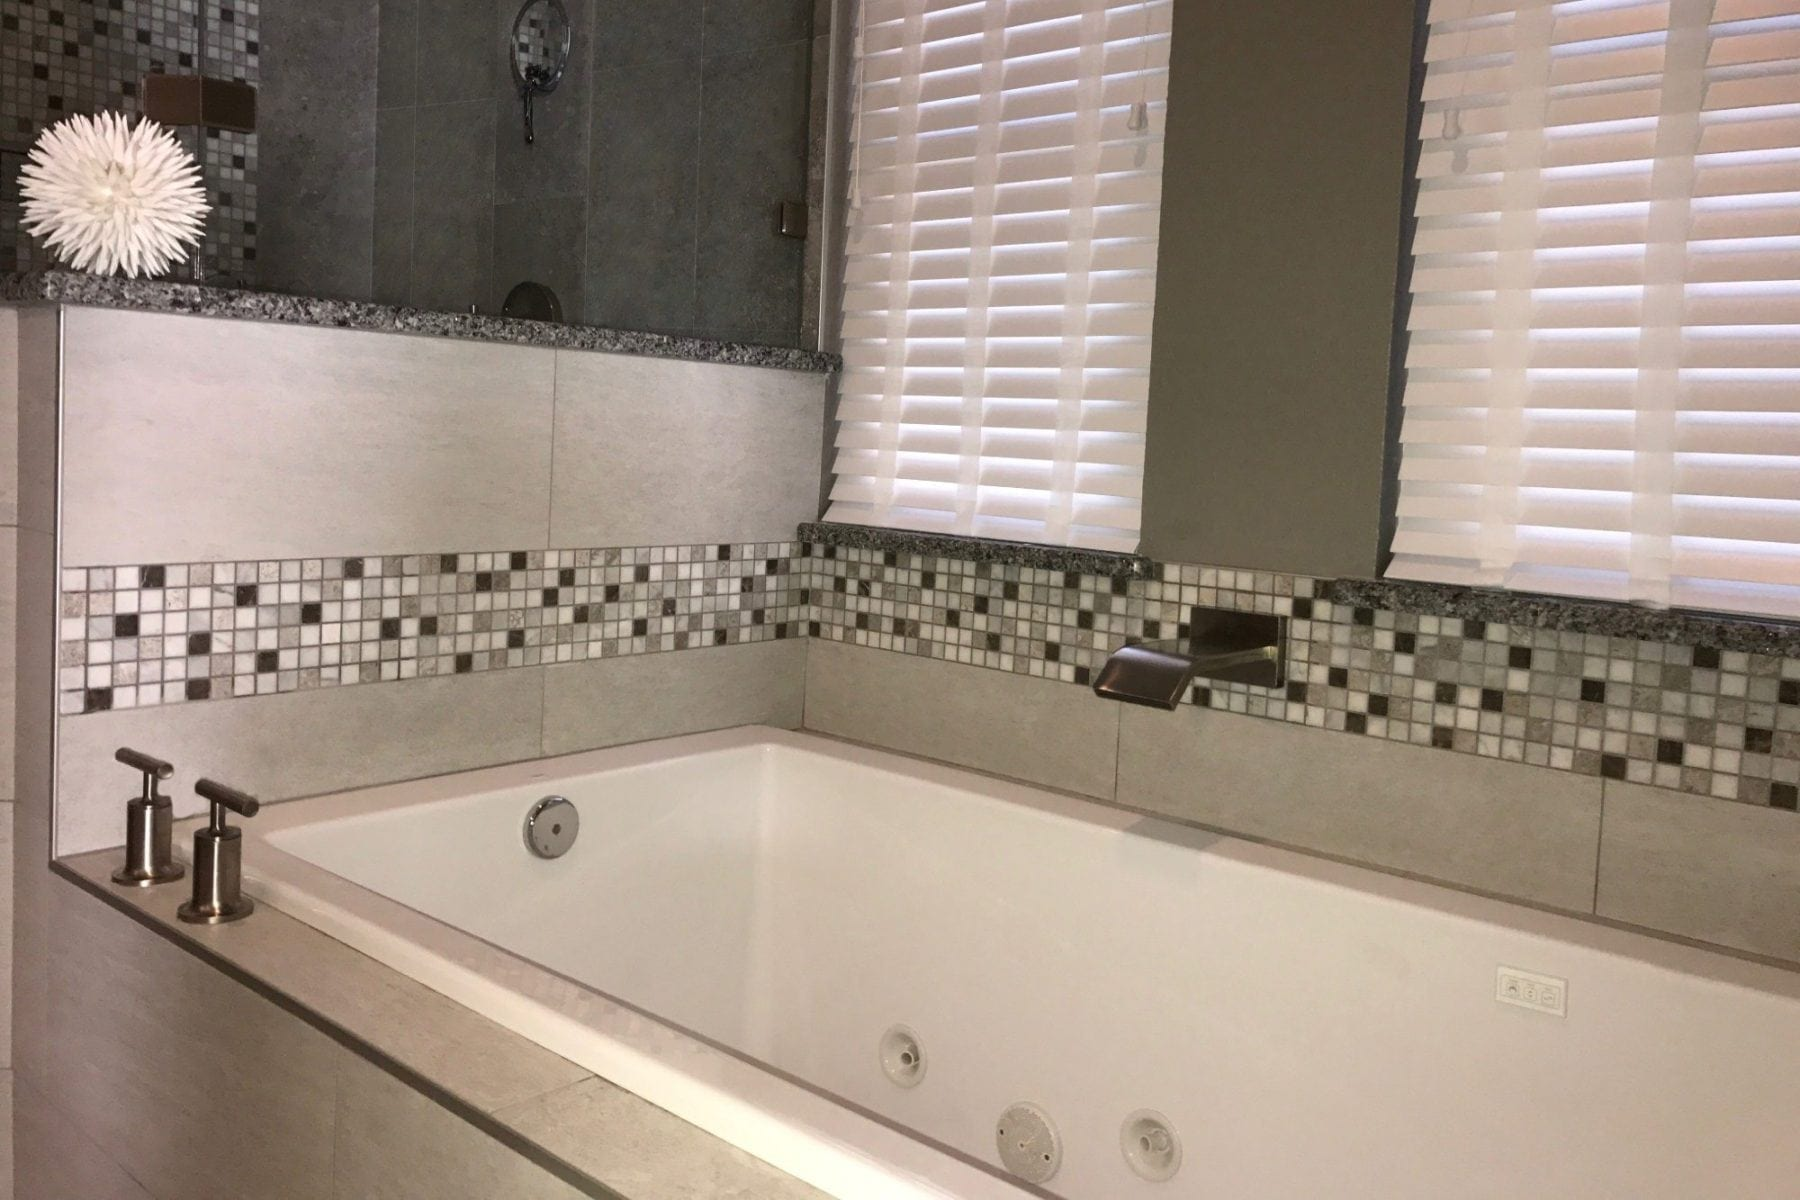 Oak Lawn Condo Bathroom Remodel After Renovation Bath Tub Tilw Backsplash